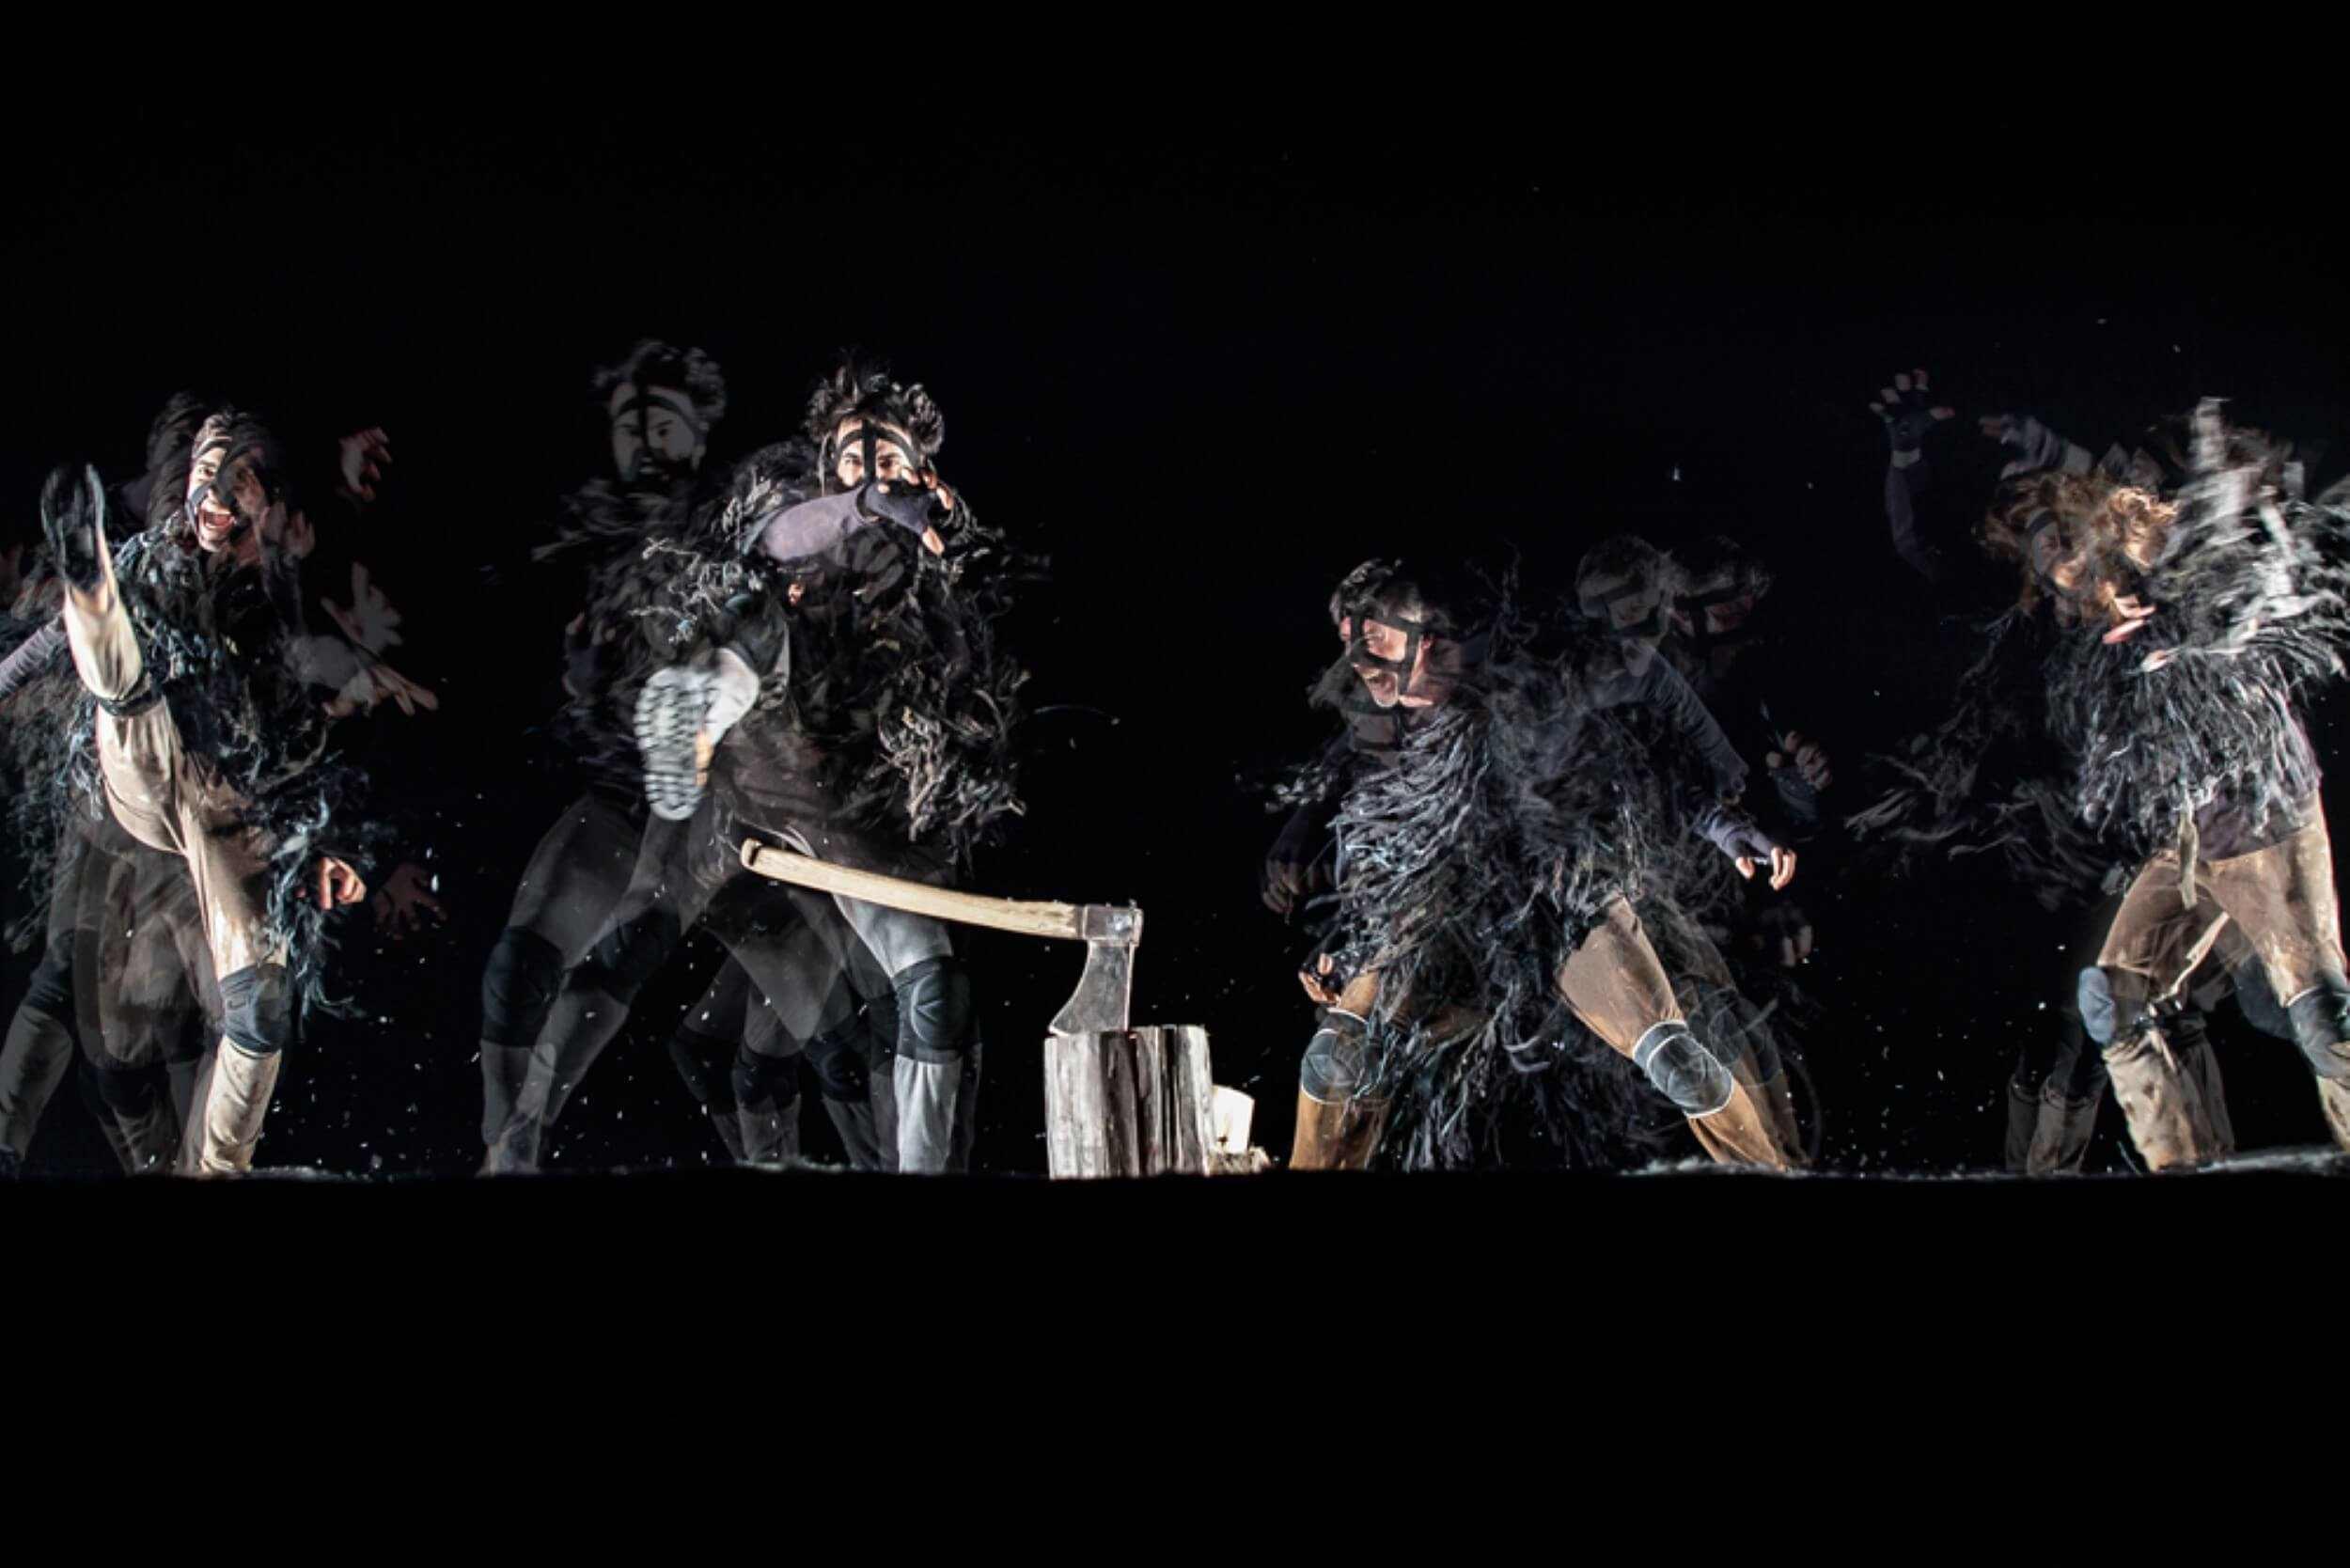 """חפצים - עיצוב הבית ההצגה """"העבד"""" בתיאטרון גשר </br> לא רק תיאטרון במיטבו – זאת יצירה בימתית שכל אחד מאיתנו חייב לראות"""